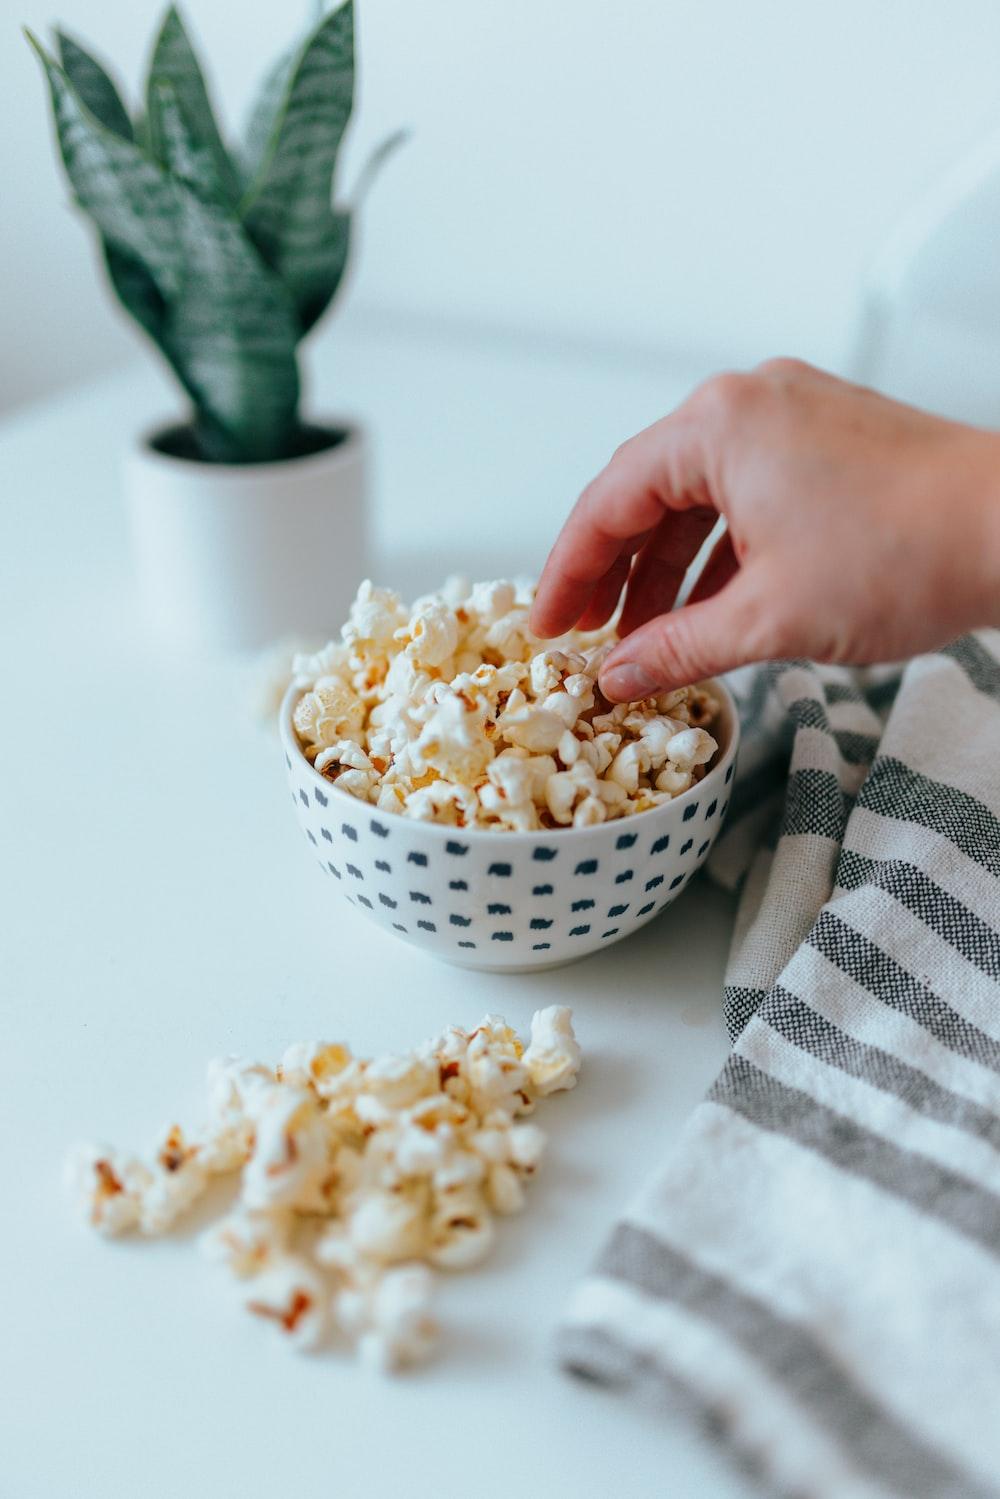 popcorn in white ceramic bowl